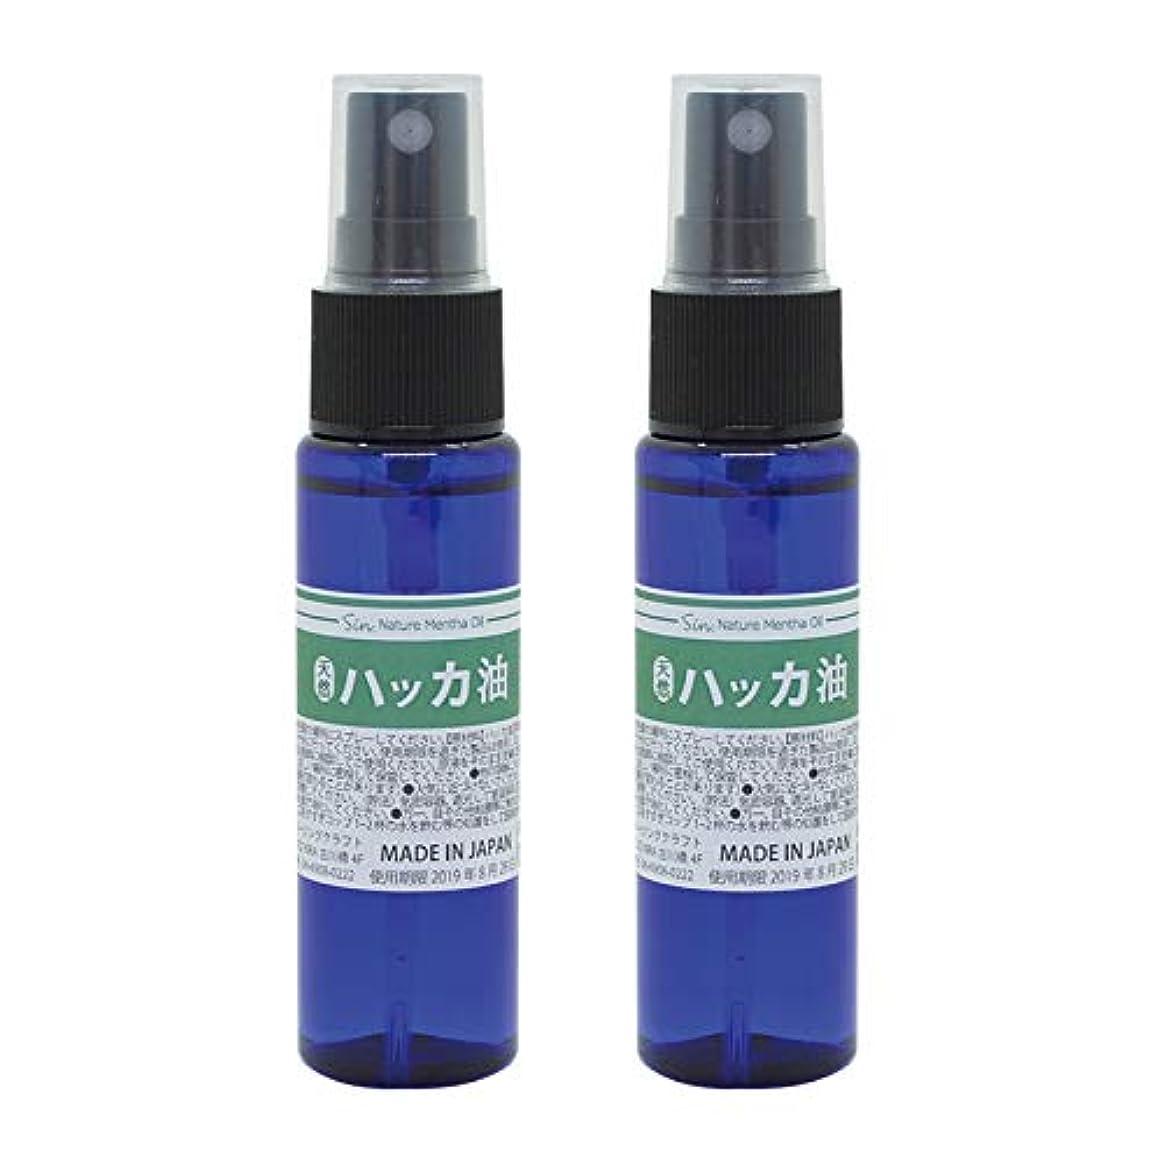 コースクルーネット日本製 天然ハッカ油(ハッカオイル) スプレー 30mL×2本